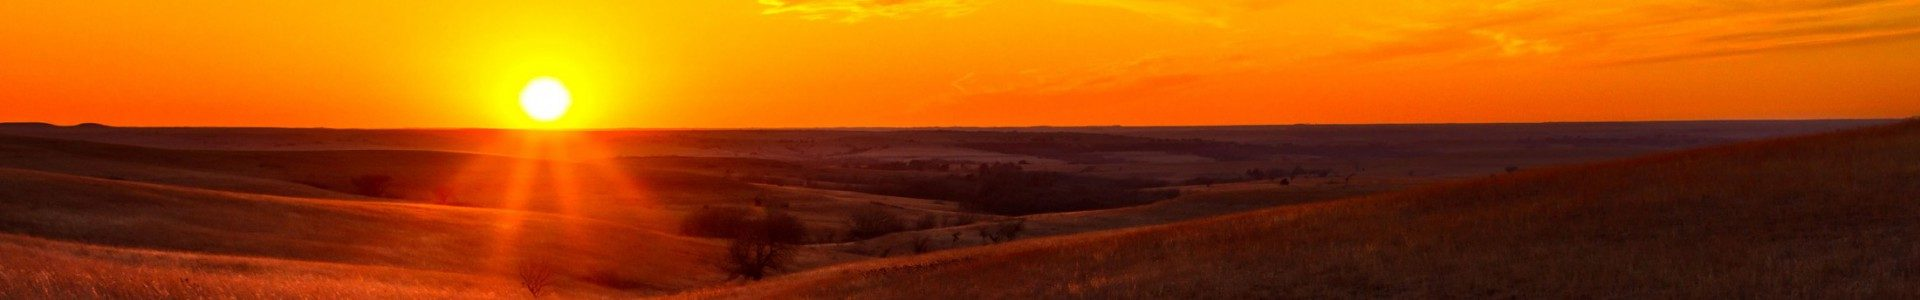 orange-sunset_cropped-1920x300